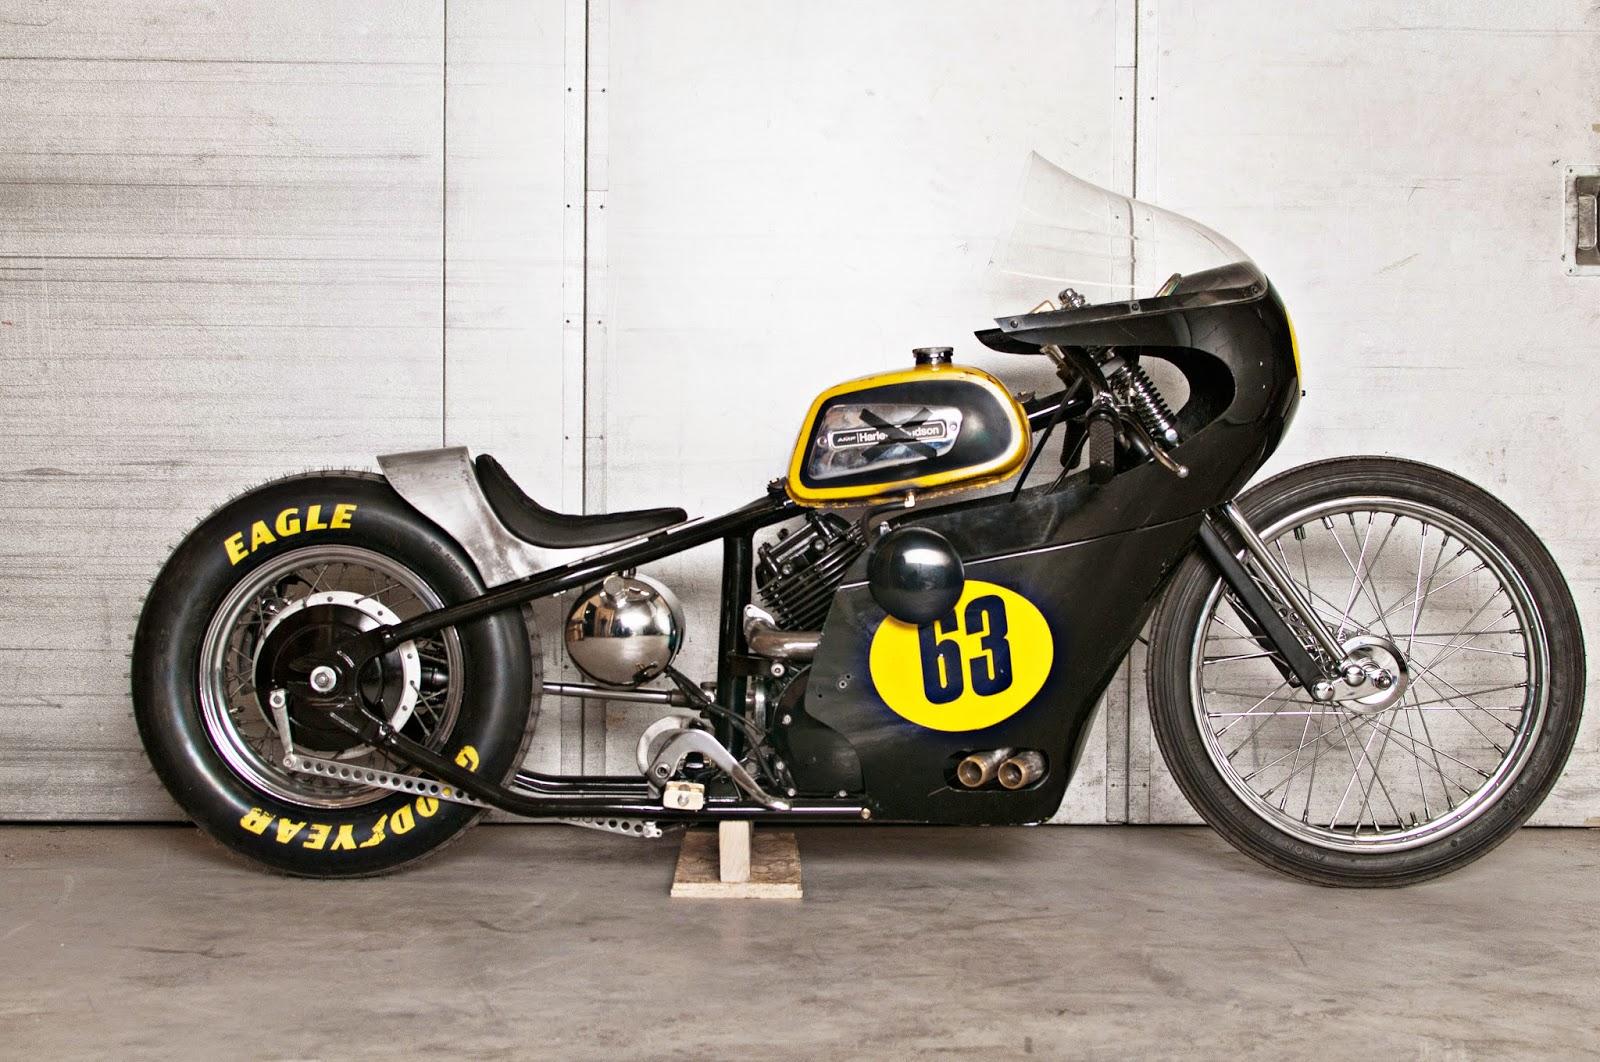 garage welding shop ideas - Drag Star Made Men Bikes RocketGarage Cafe Racer